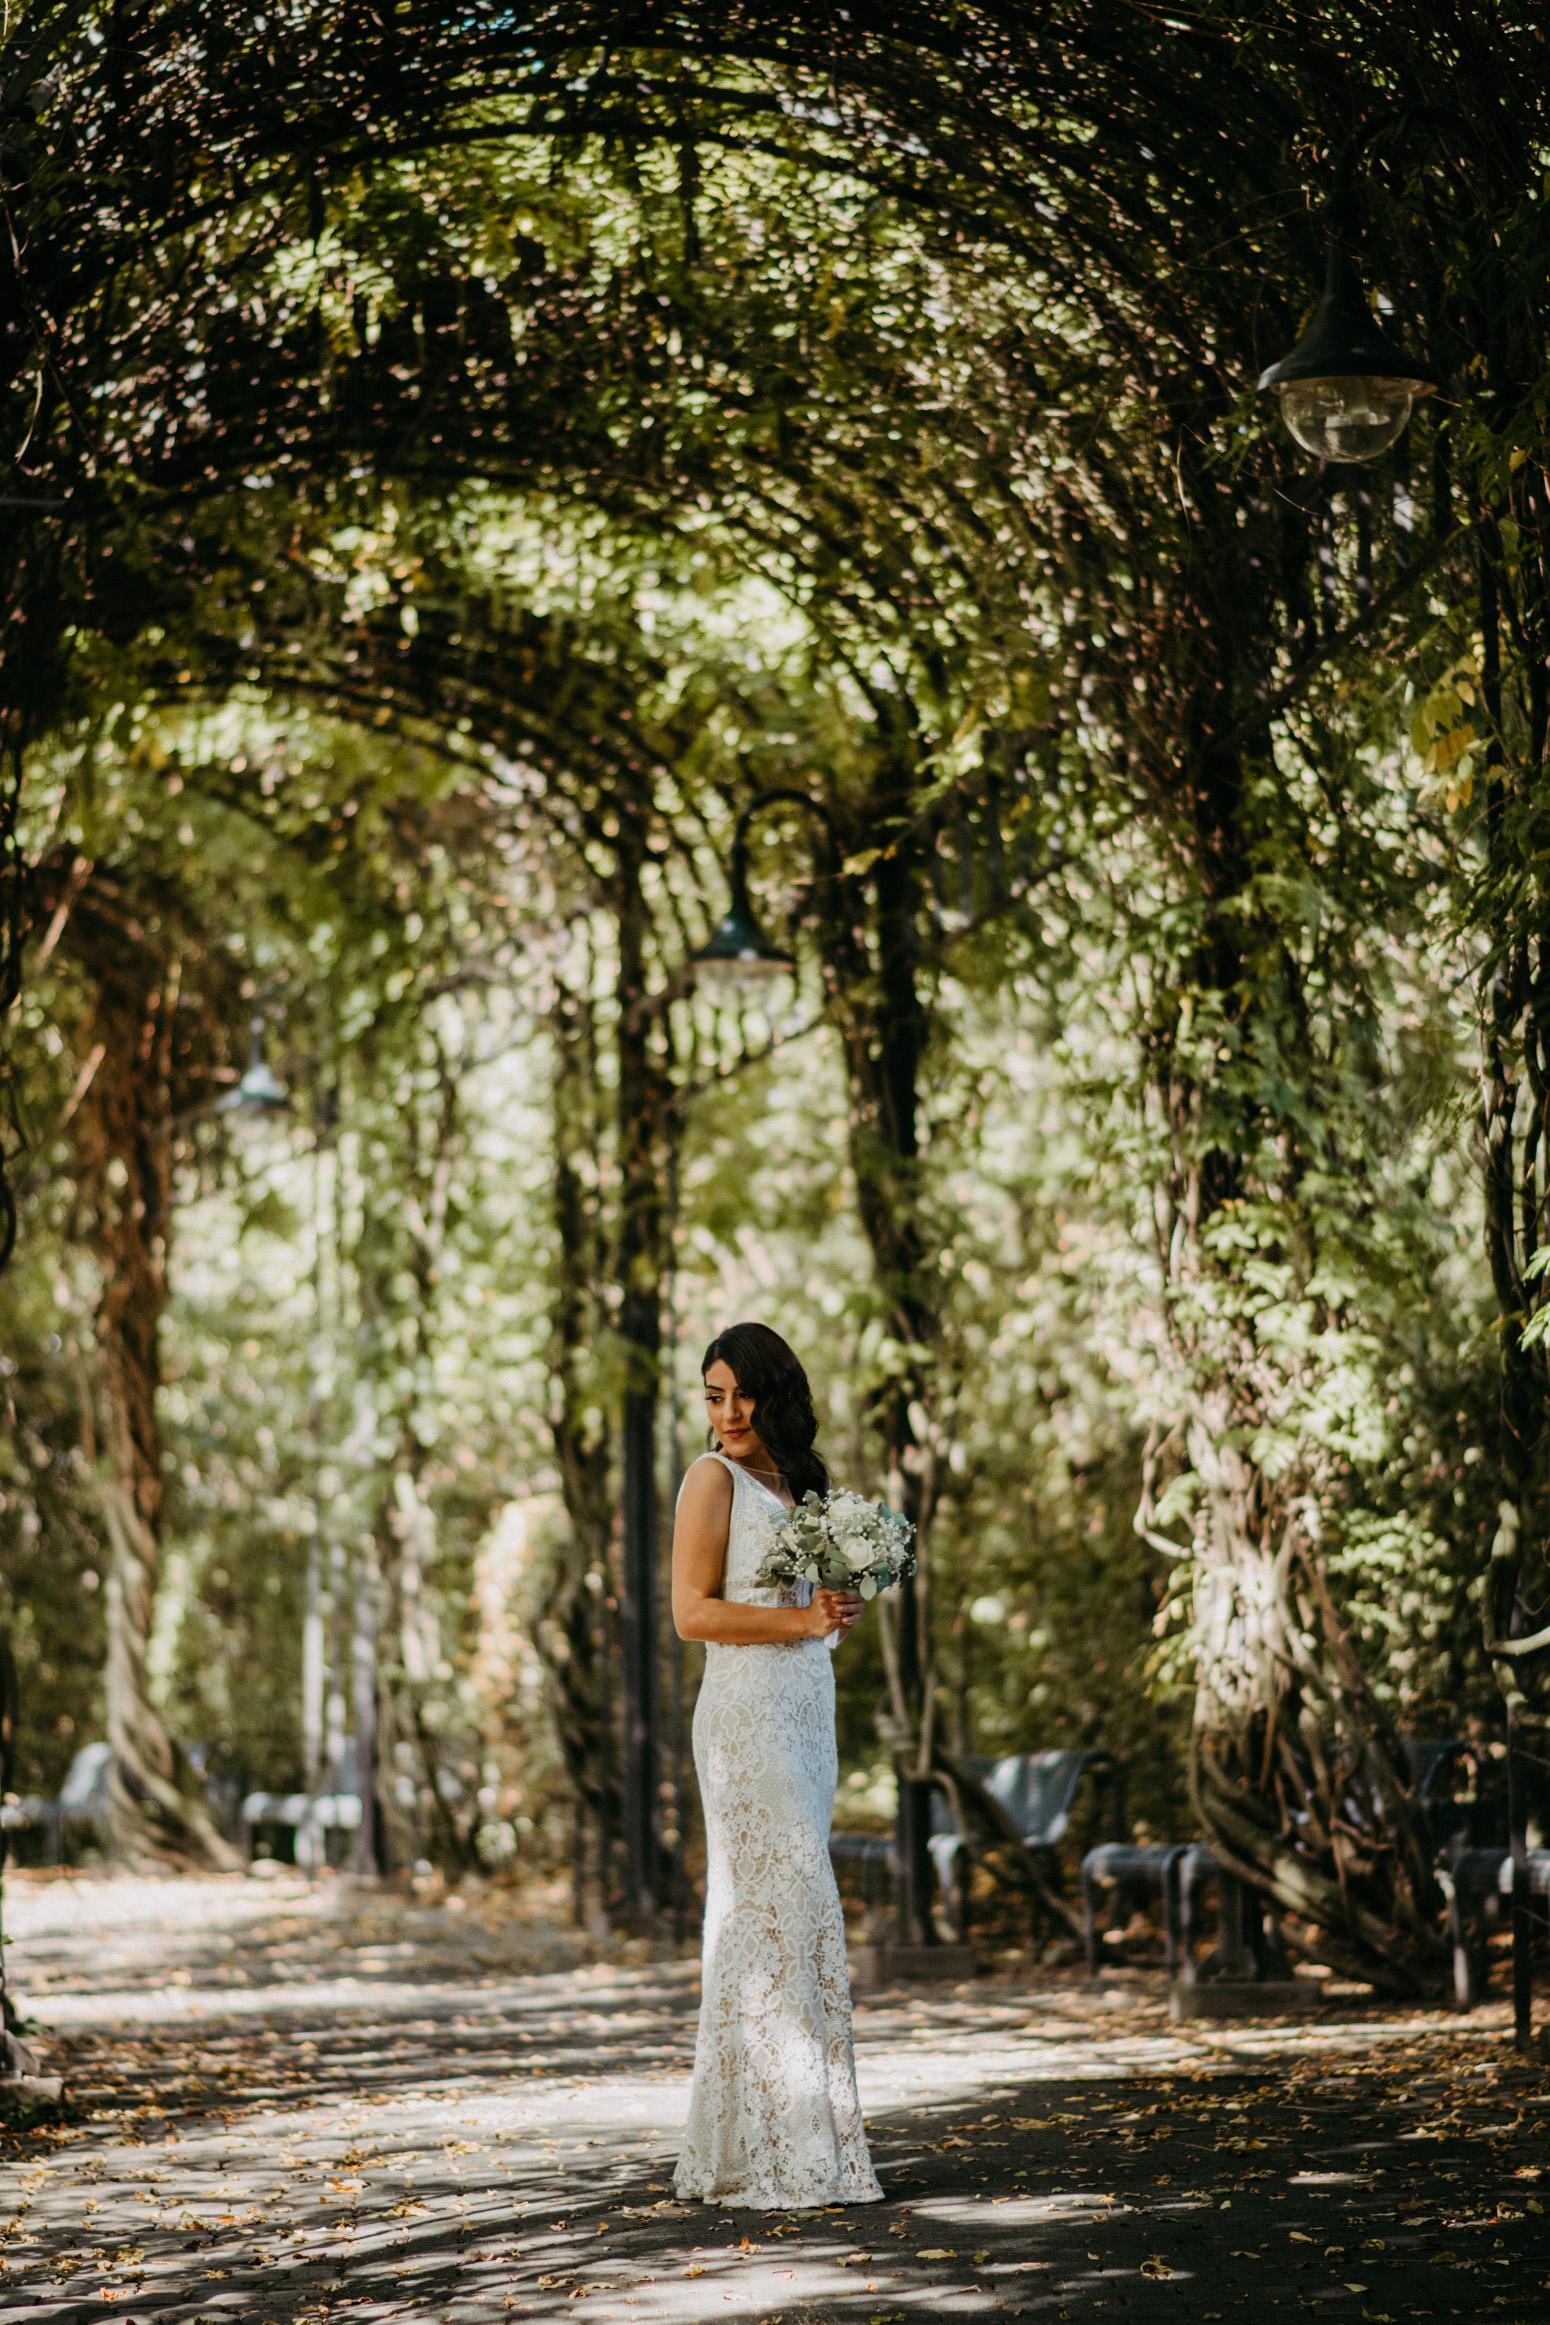 elegante Braut im Park am Schloss Broich, fotografiert von Daria Becker von Genuine Bonds